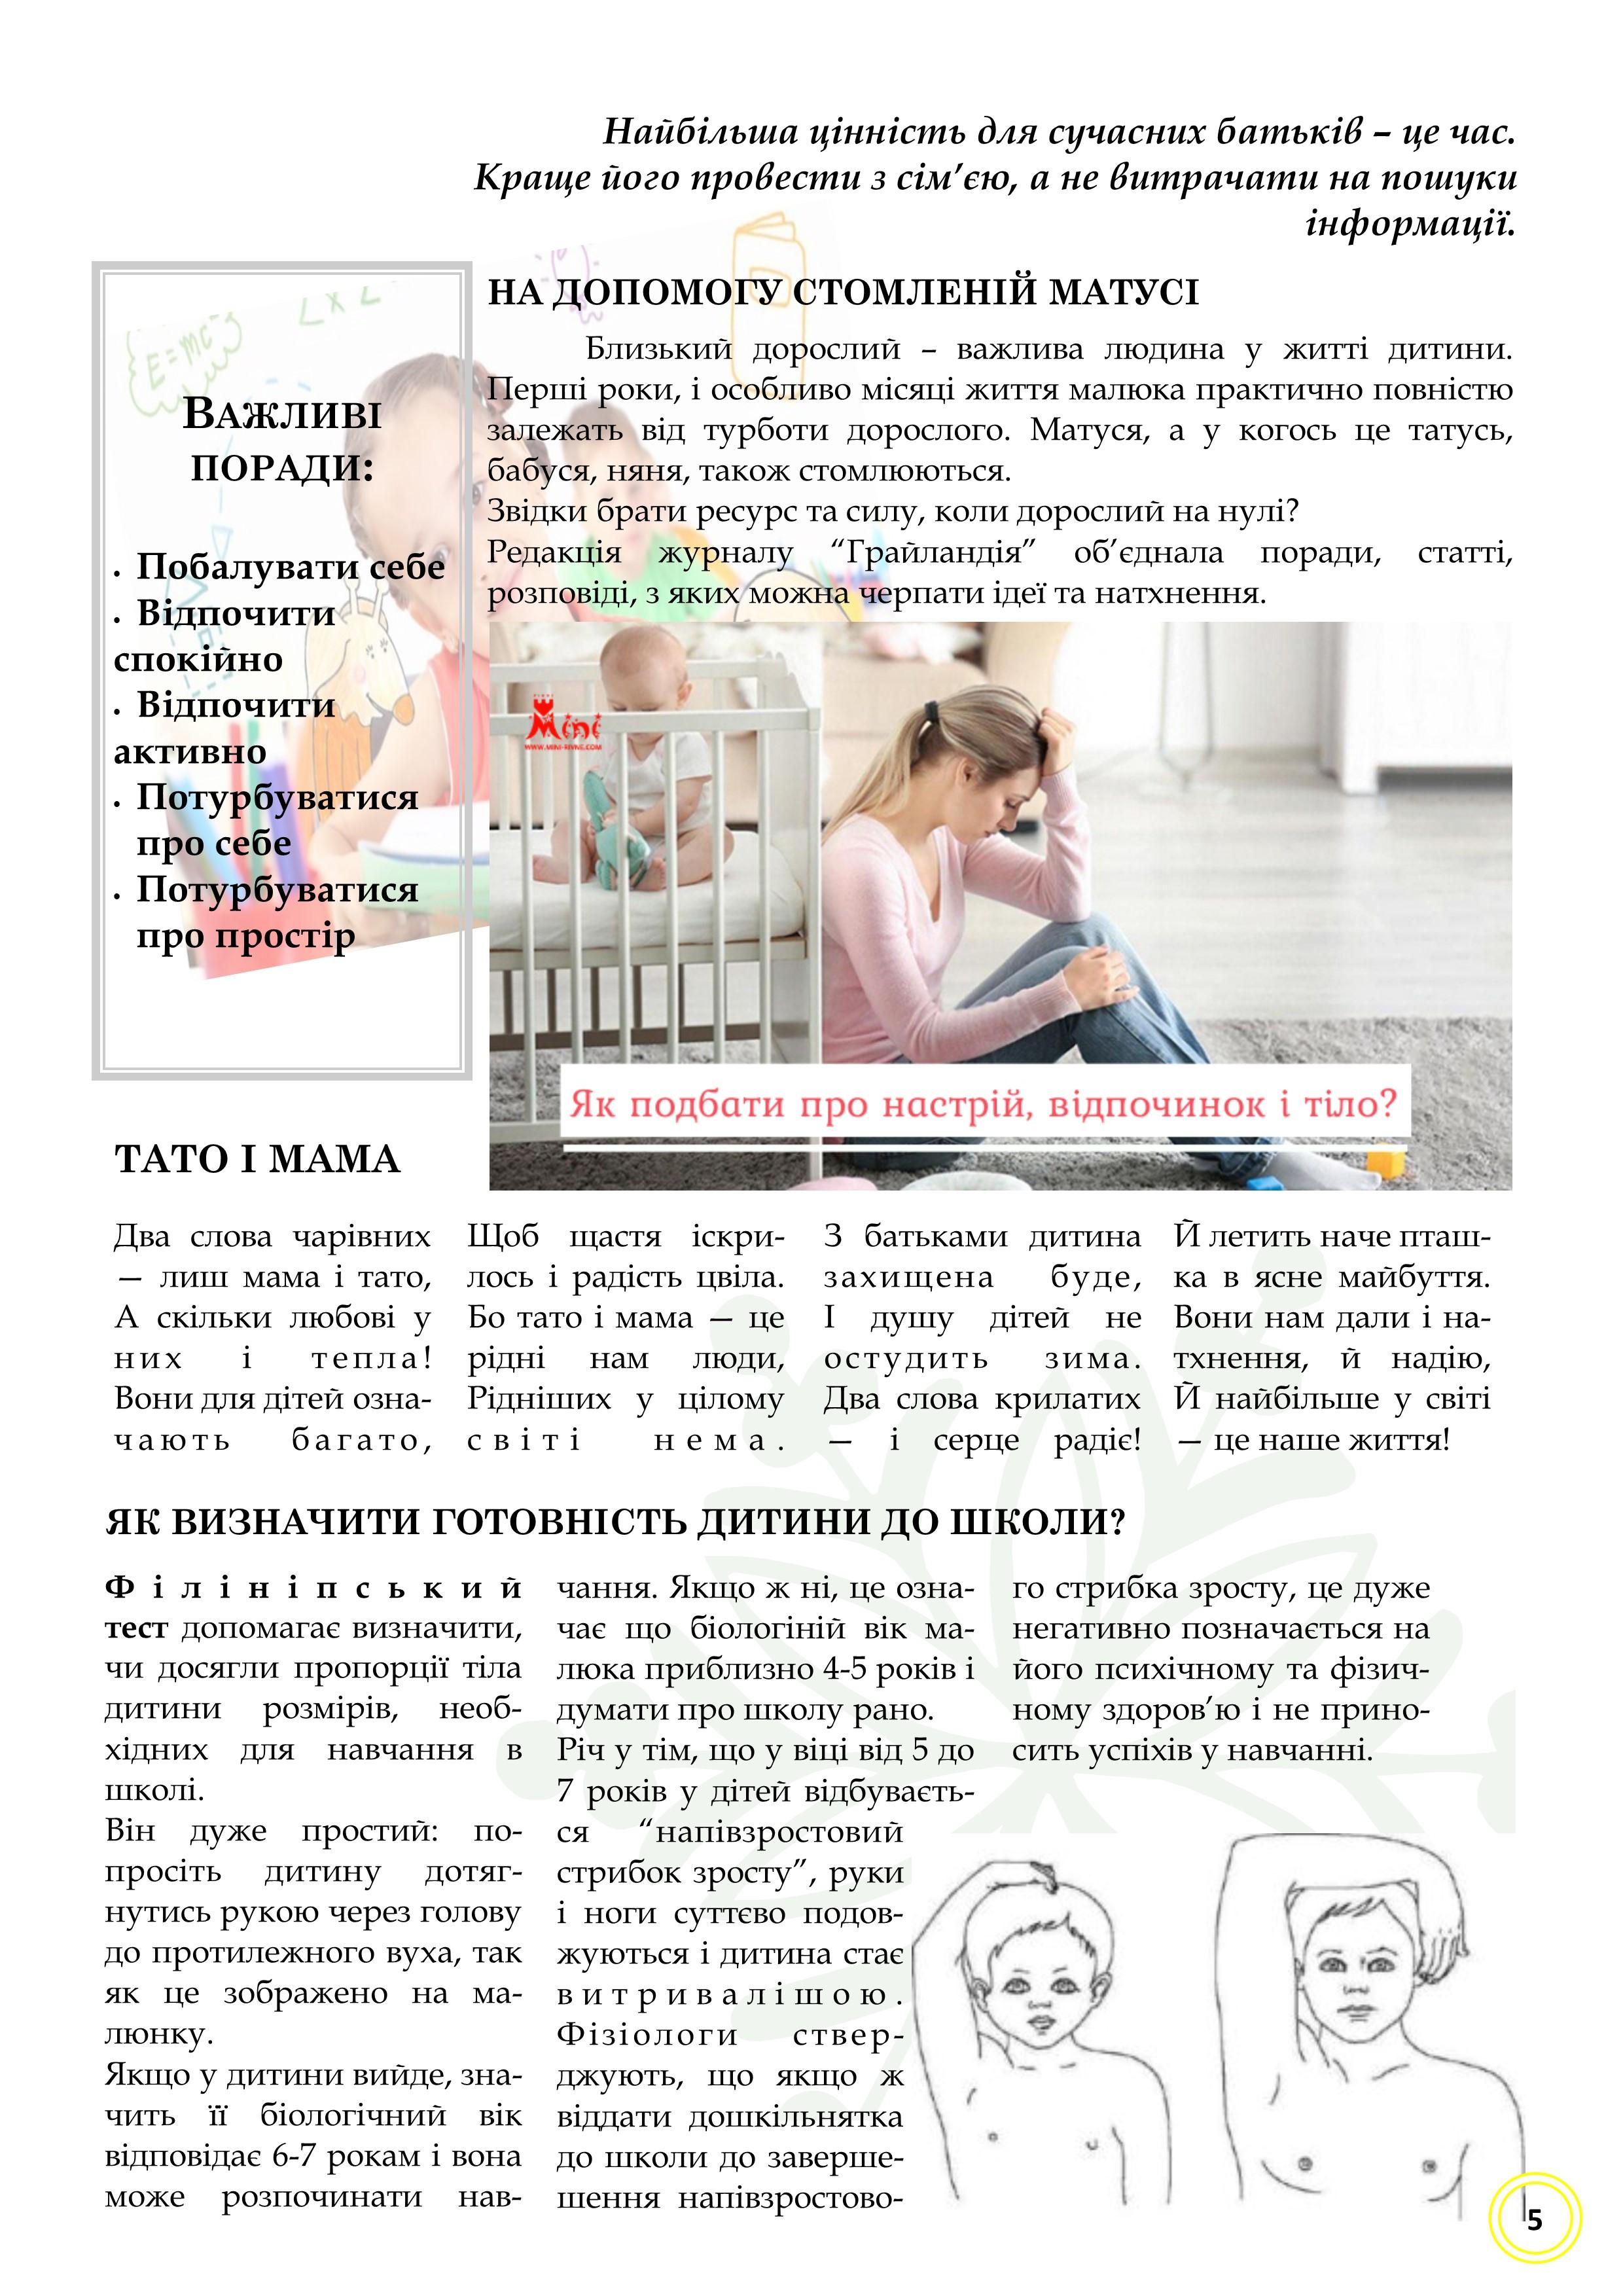 Грайландія – синочки 2020 by Darina - Illustrated by .Студенти групи І-М (2) 2019-2020 н.р - Ourboox.com